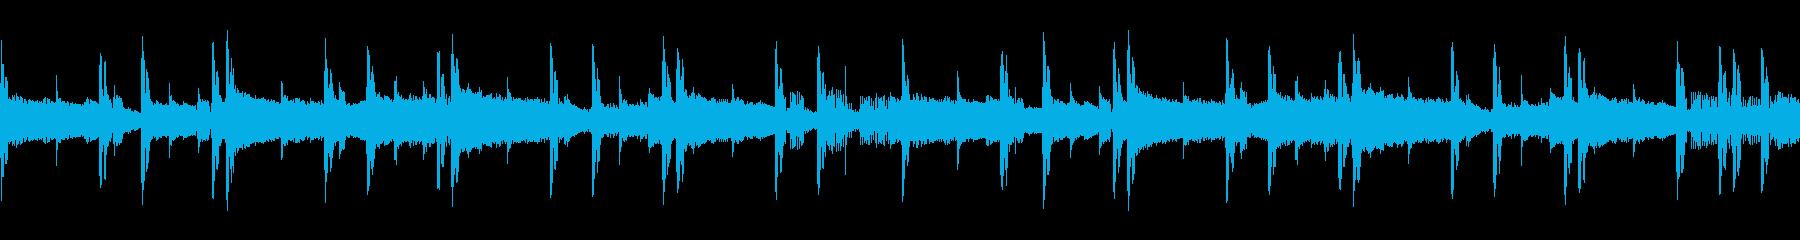 美しいメロディーと、ストリングス、...の再生済みの波形